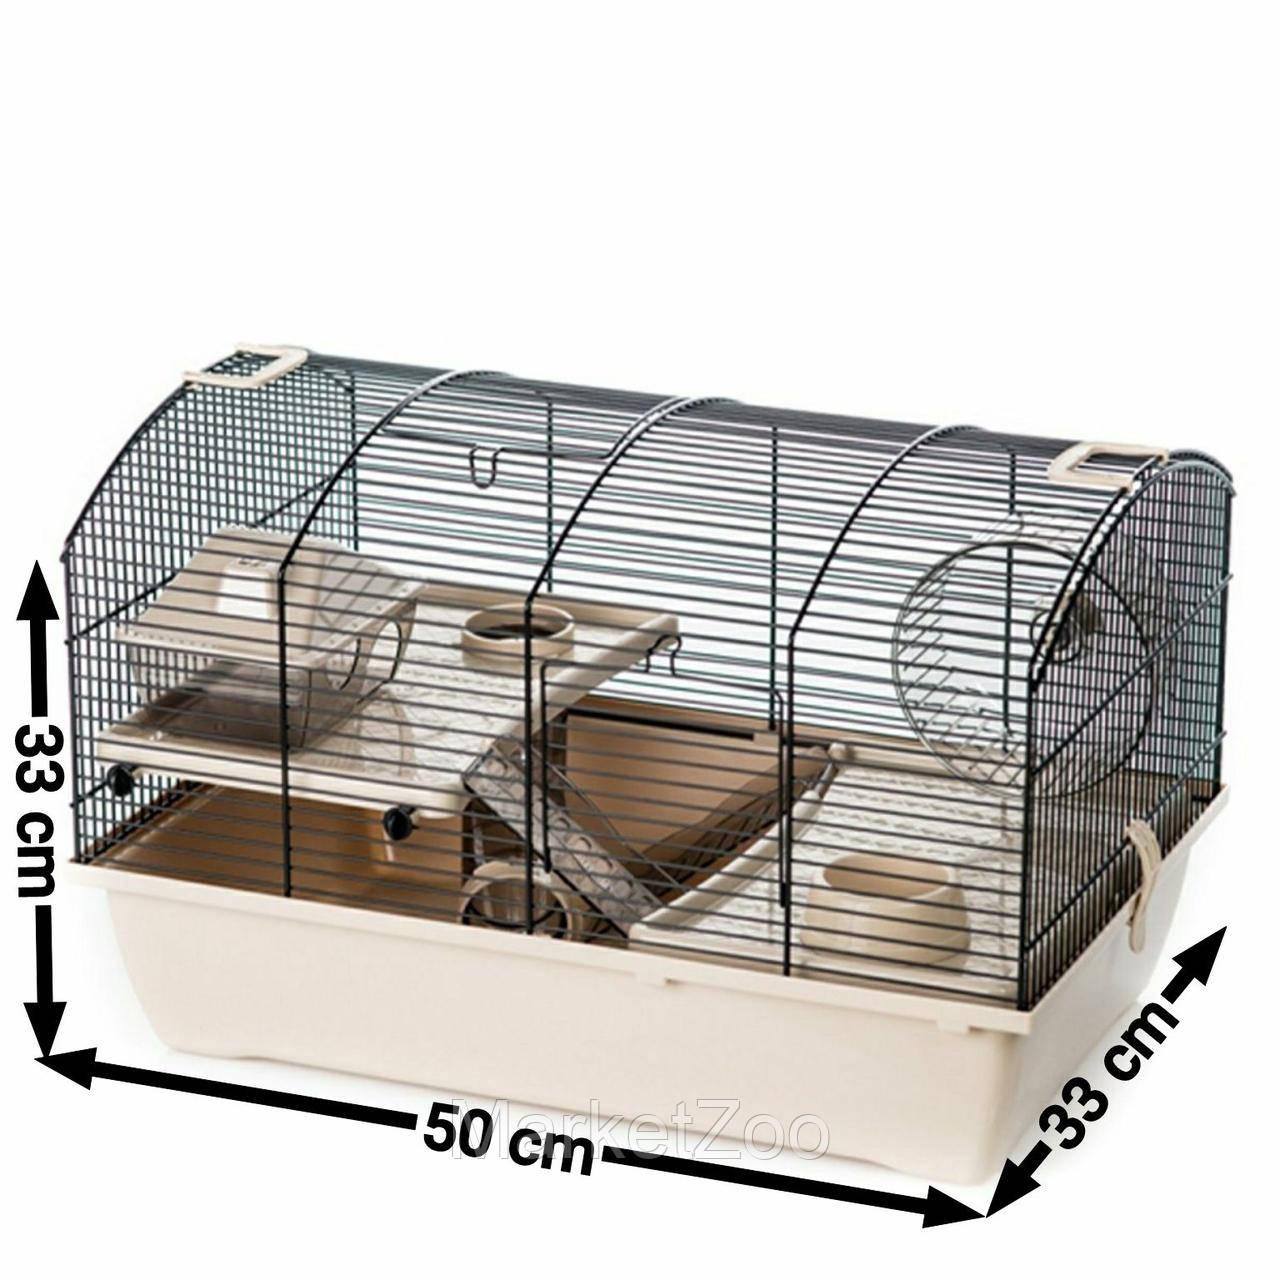 Клетка-домик для хомяка,крысы,белки дегу VICTOR 2 PLUS Inter Zoo G325 (500*330*330 мм)